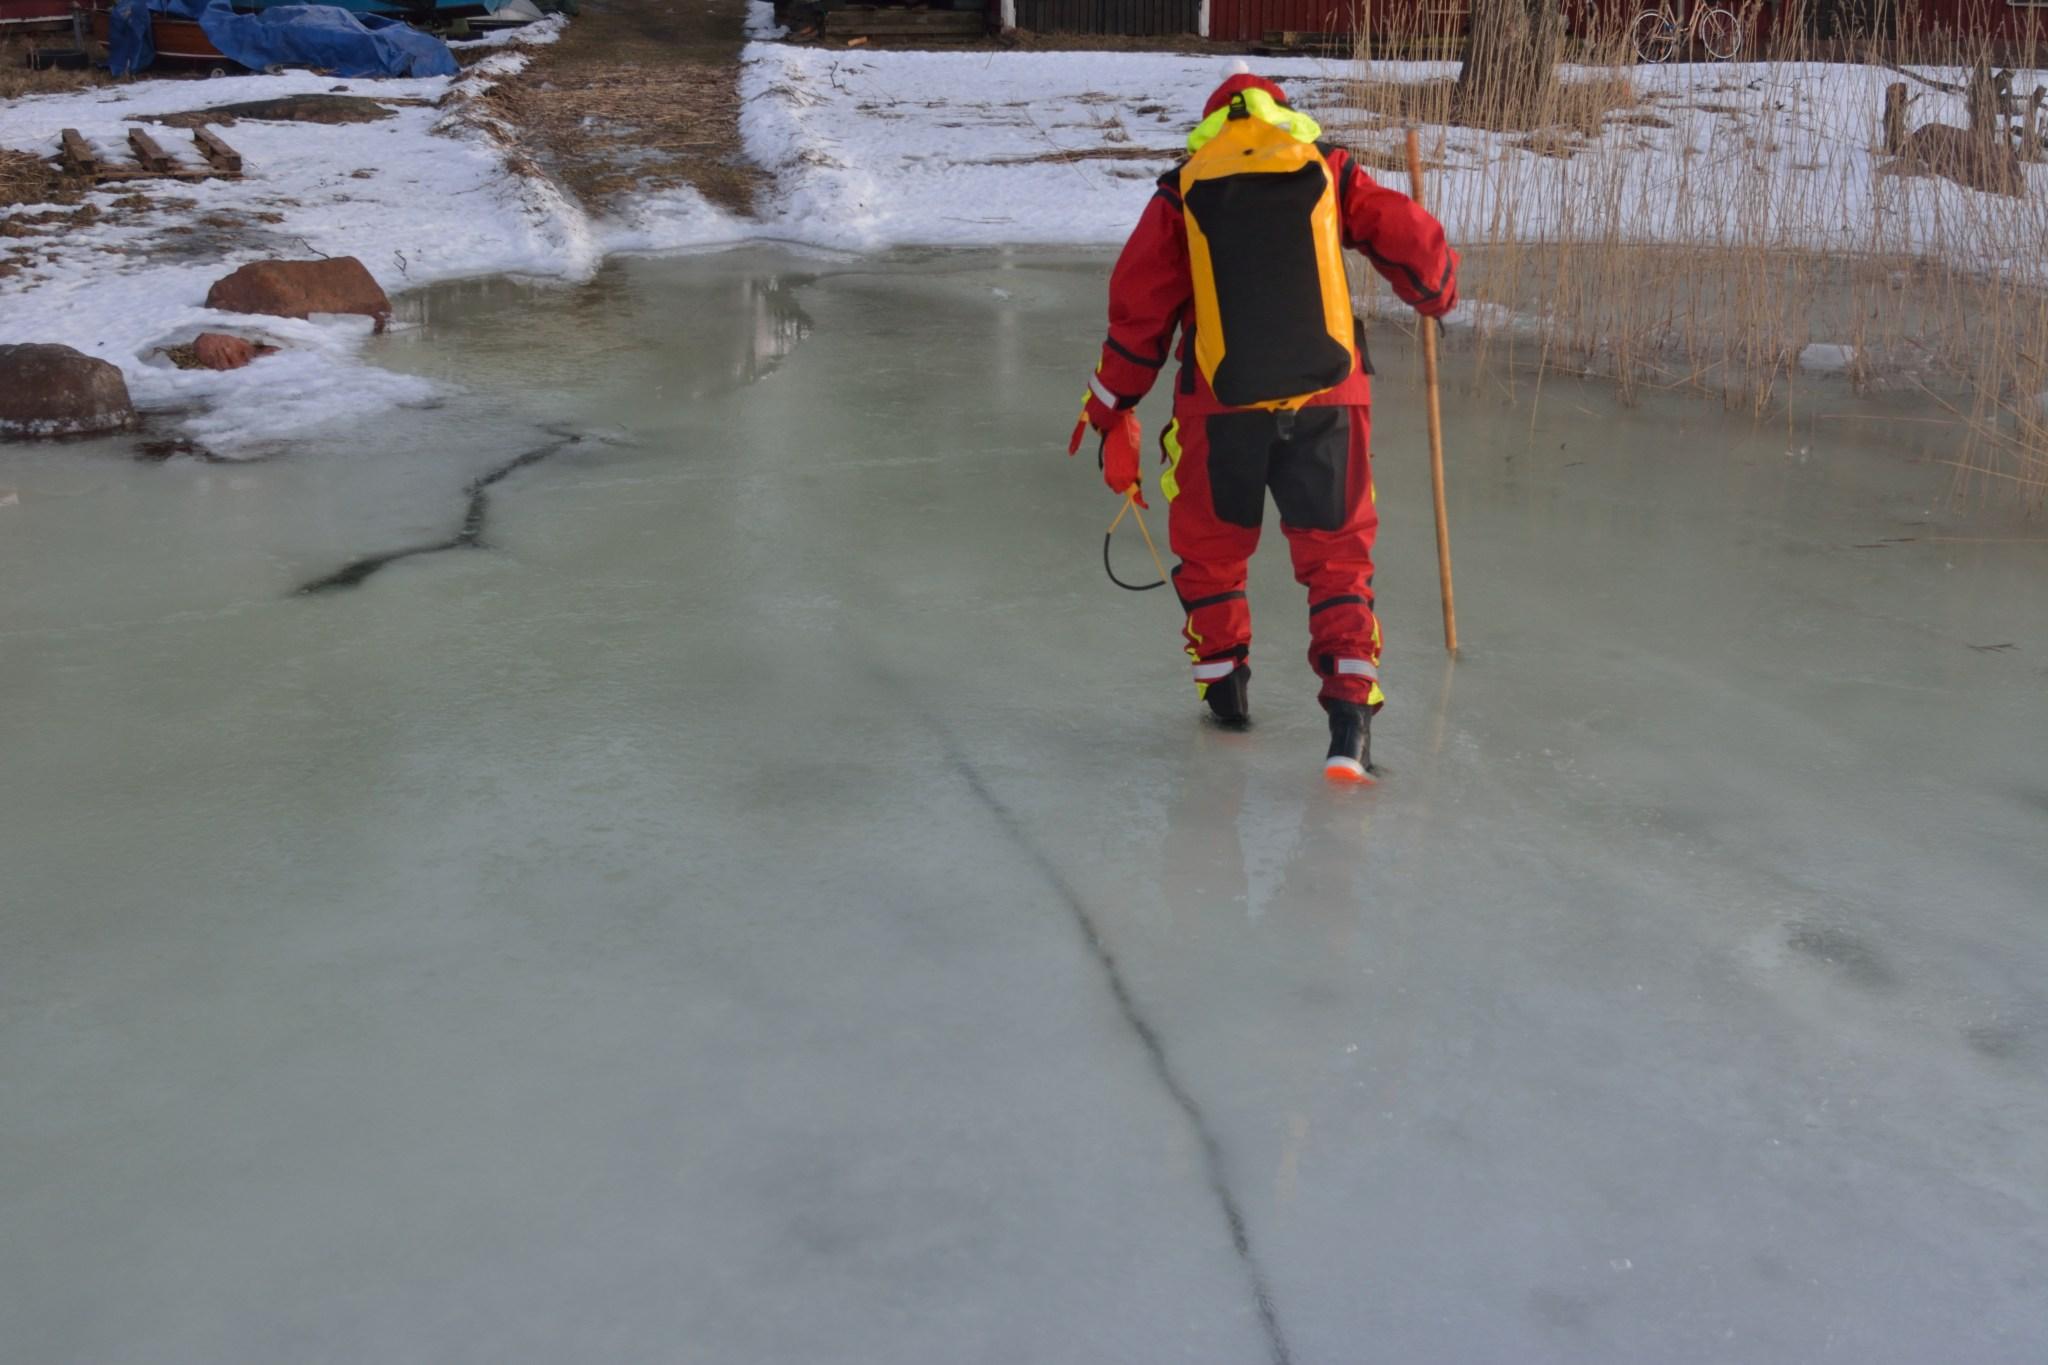 Rannassa jää on ratkennut ja painunut nyt jo pohjaan. Taisi olla juuri tämän kuvan ottamisen jälkeen, kun jää petti Jaakon alla ja Jaakko humahti polvia myöten veteen. Minua nauratti! Kunnes tajusin, että joudun menemään perässä.